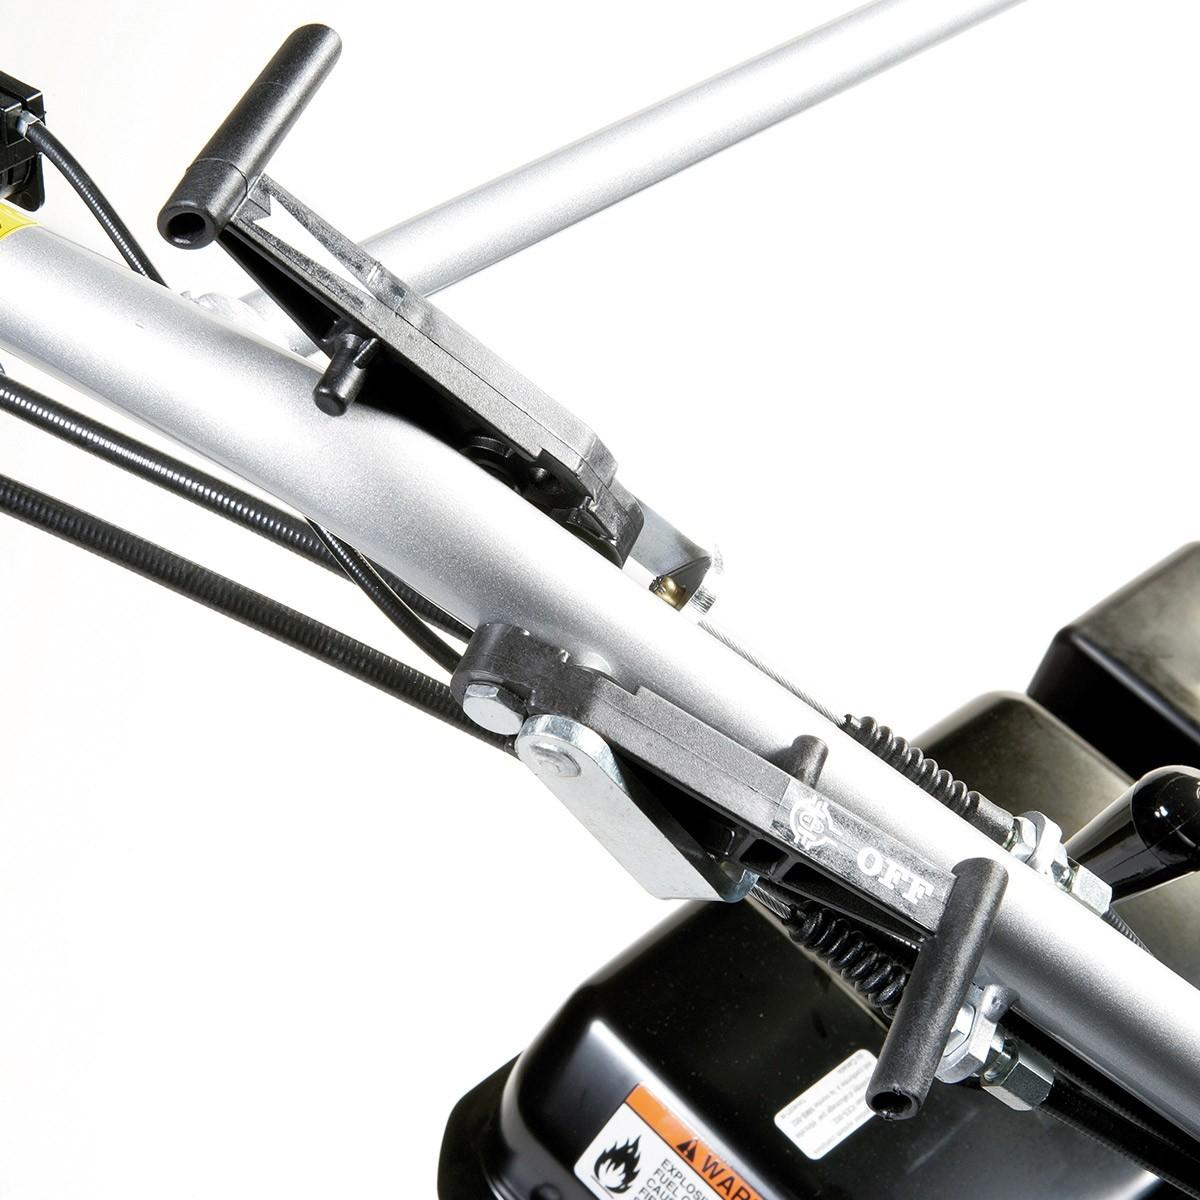 Motocositoare Bertolini 140, Honda GX270, 9 CP, 127 cm